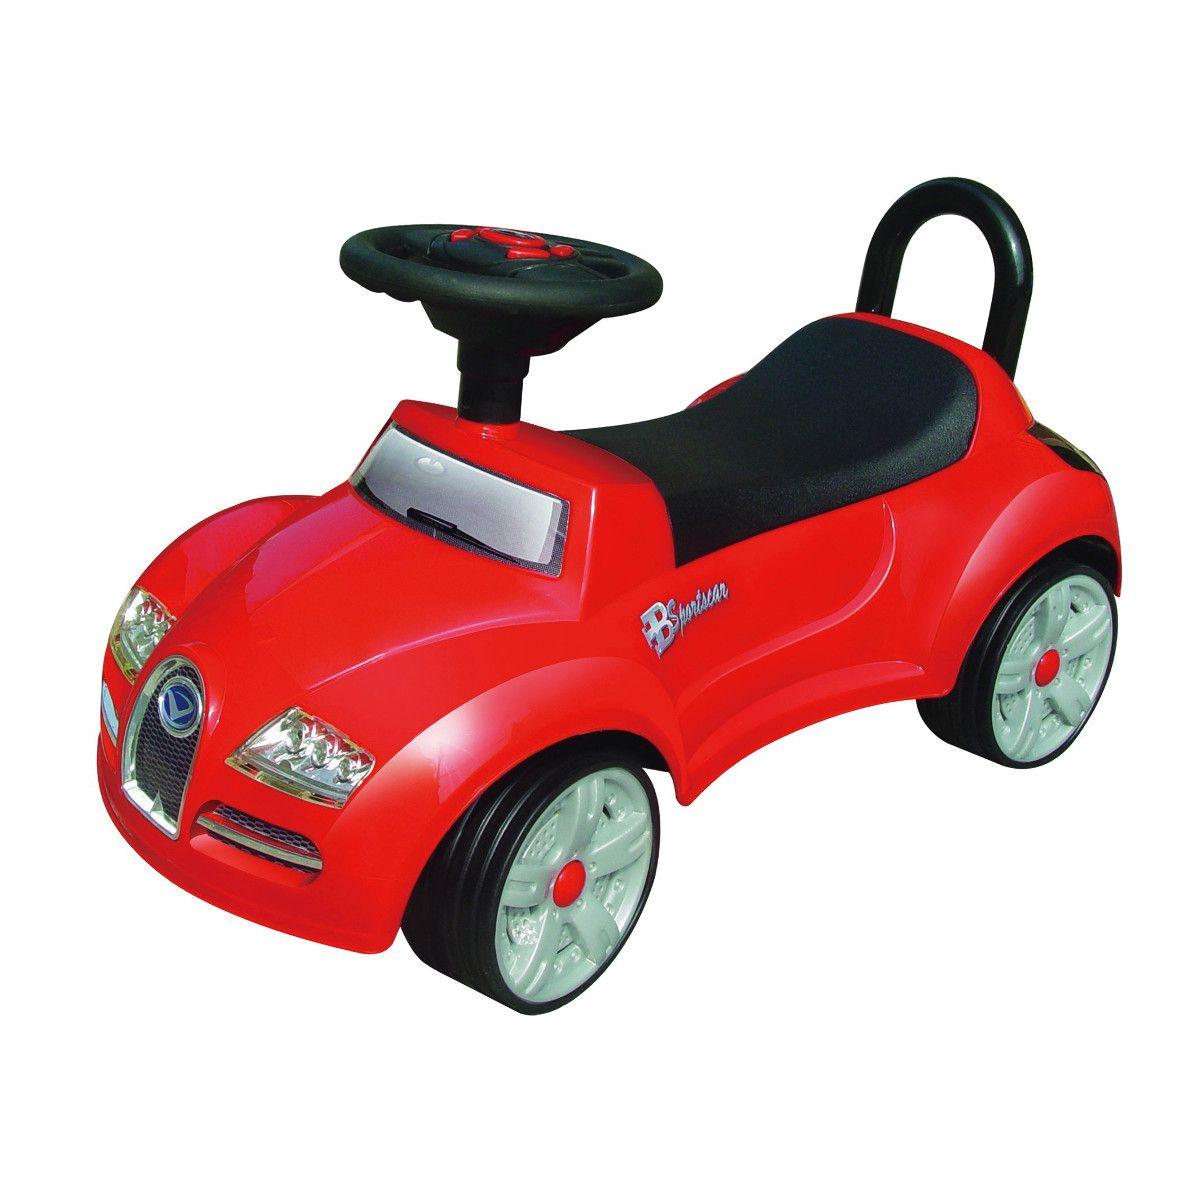 Машинка-каталка со спинкой (свет, звук), красно-черная